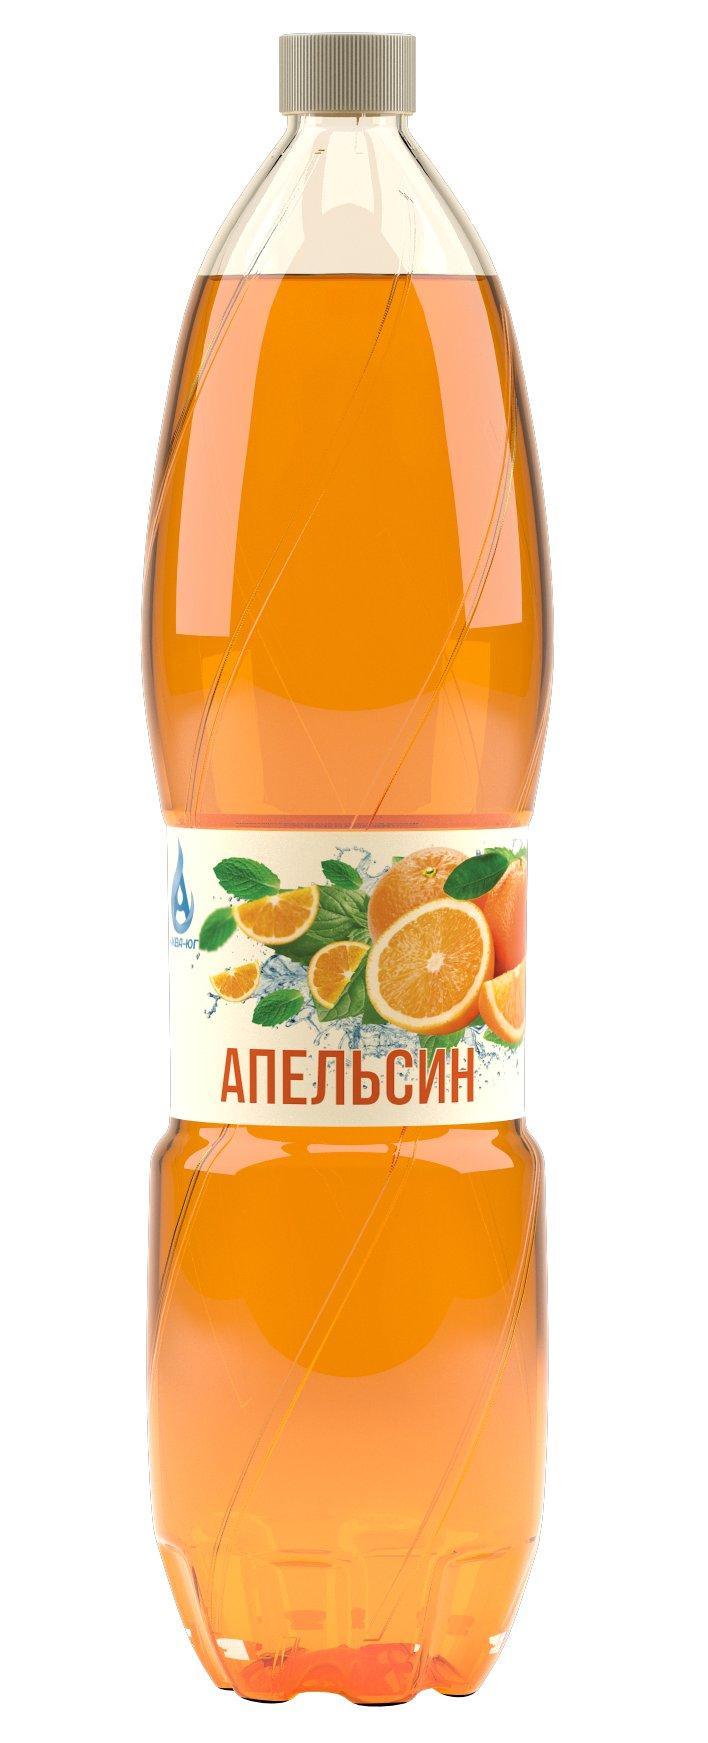 Напиток Ржевпиво апельсин безалкогольный газированный